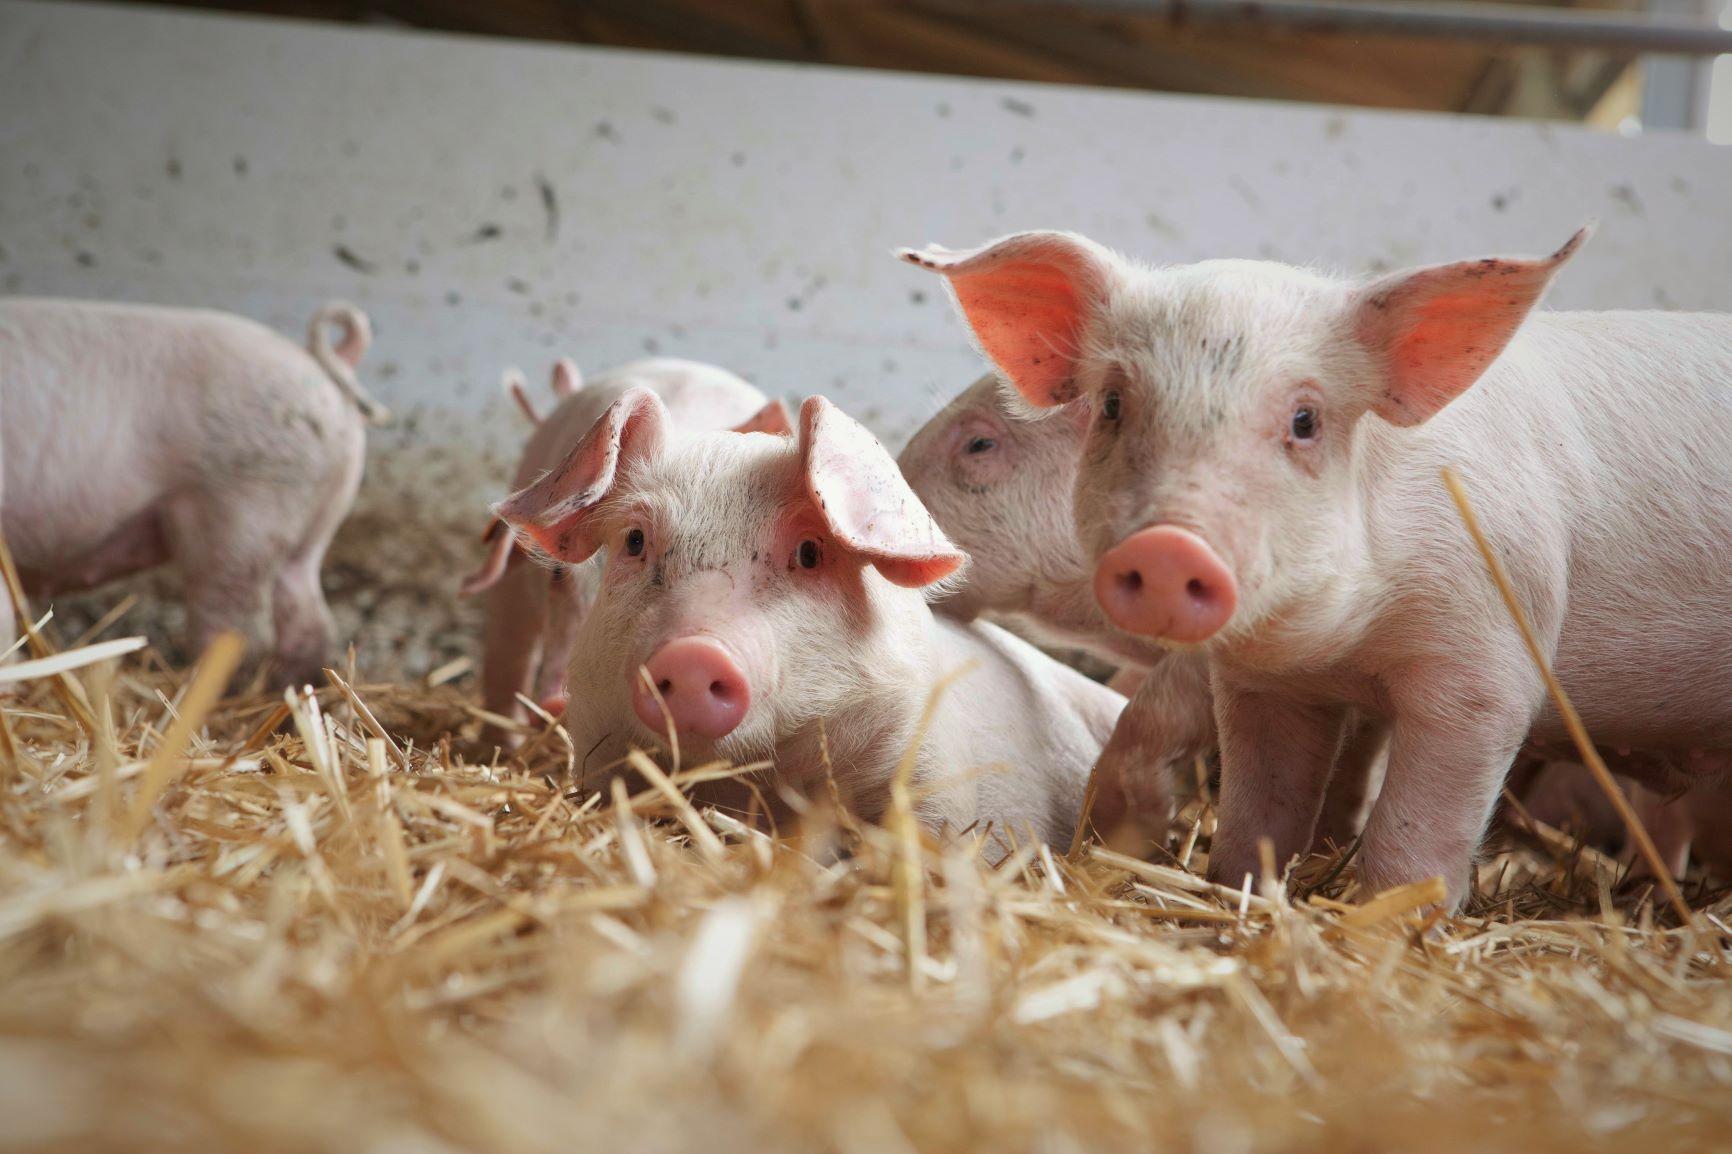 Allevamenti e benessere animale: non dev'essere per forza un macello